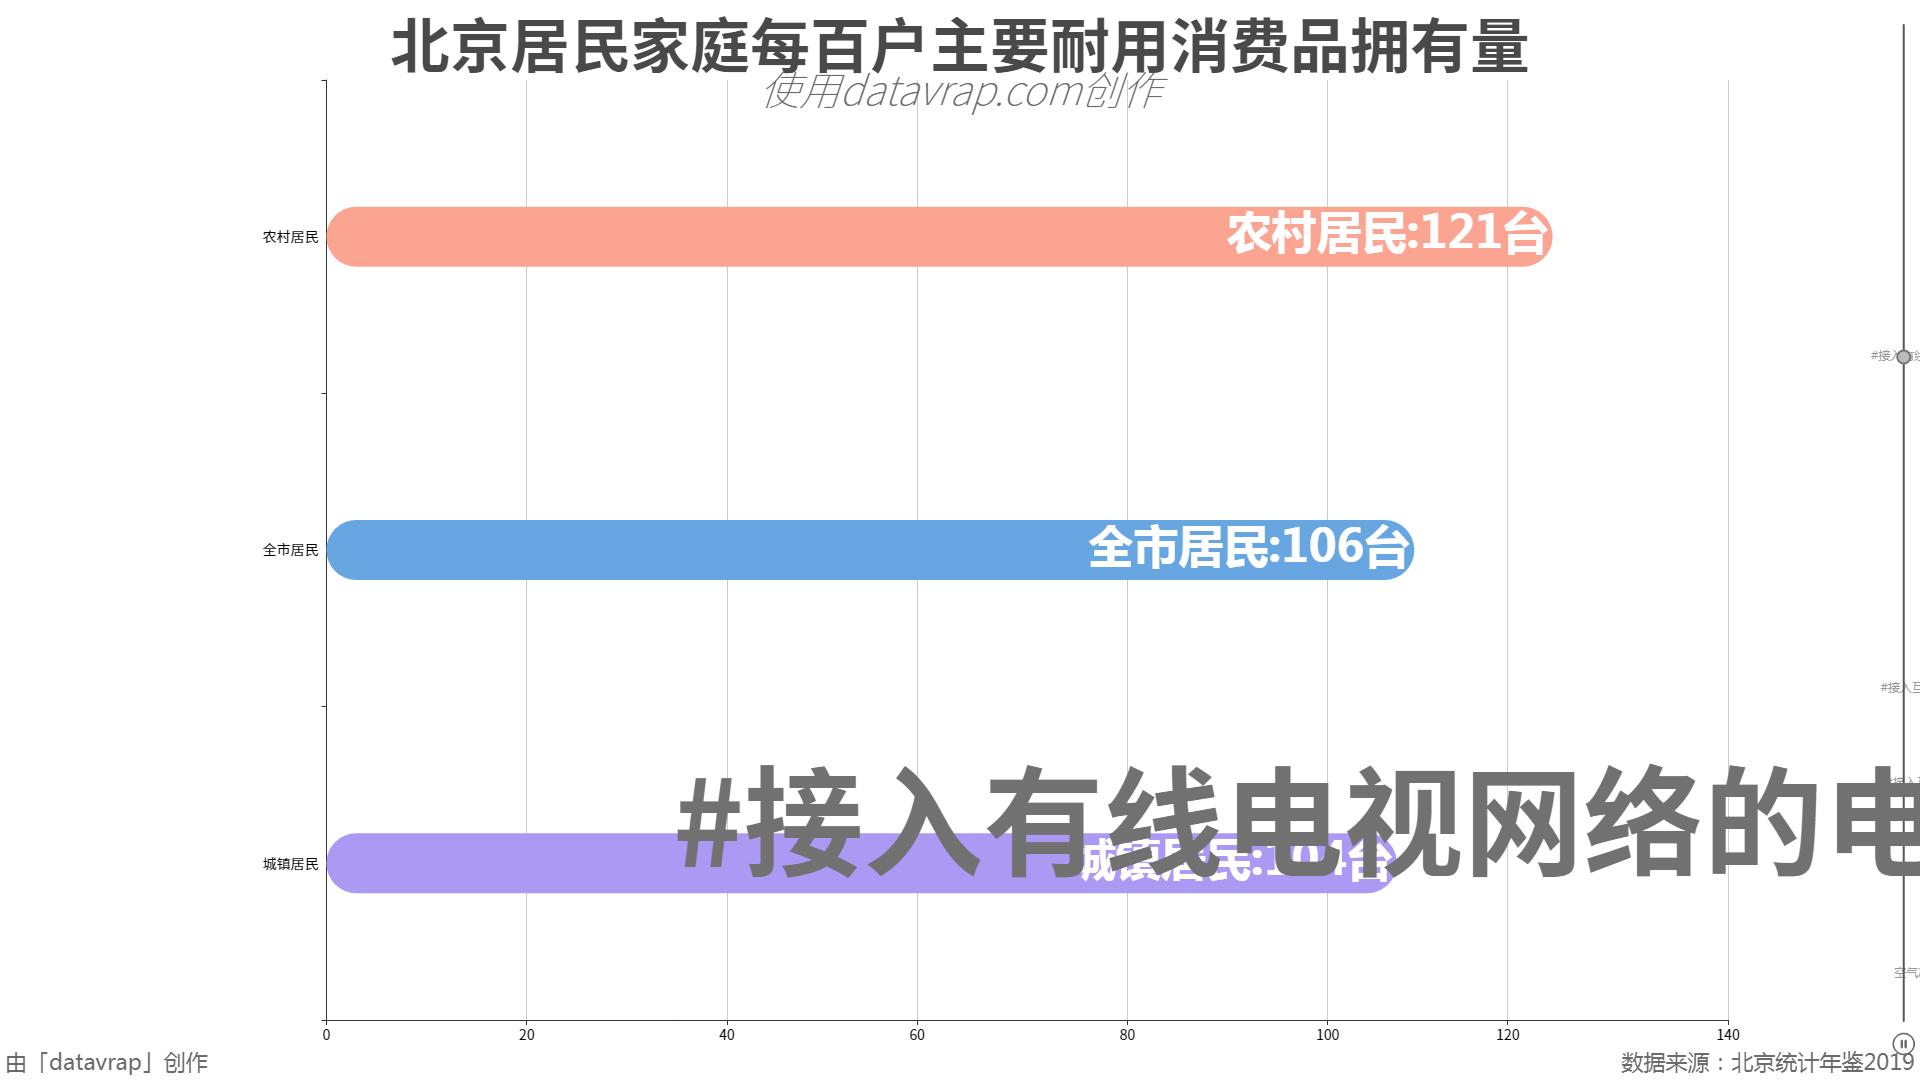 北京居民家庭每百户主要耐用消费品拥有量